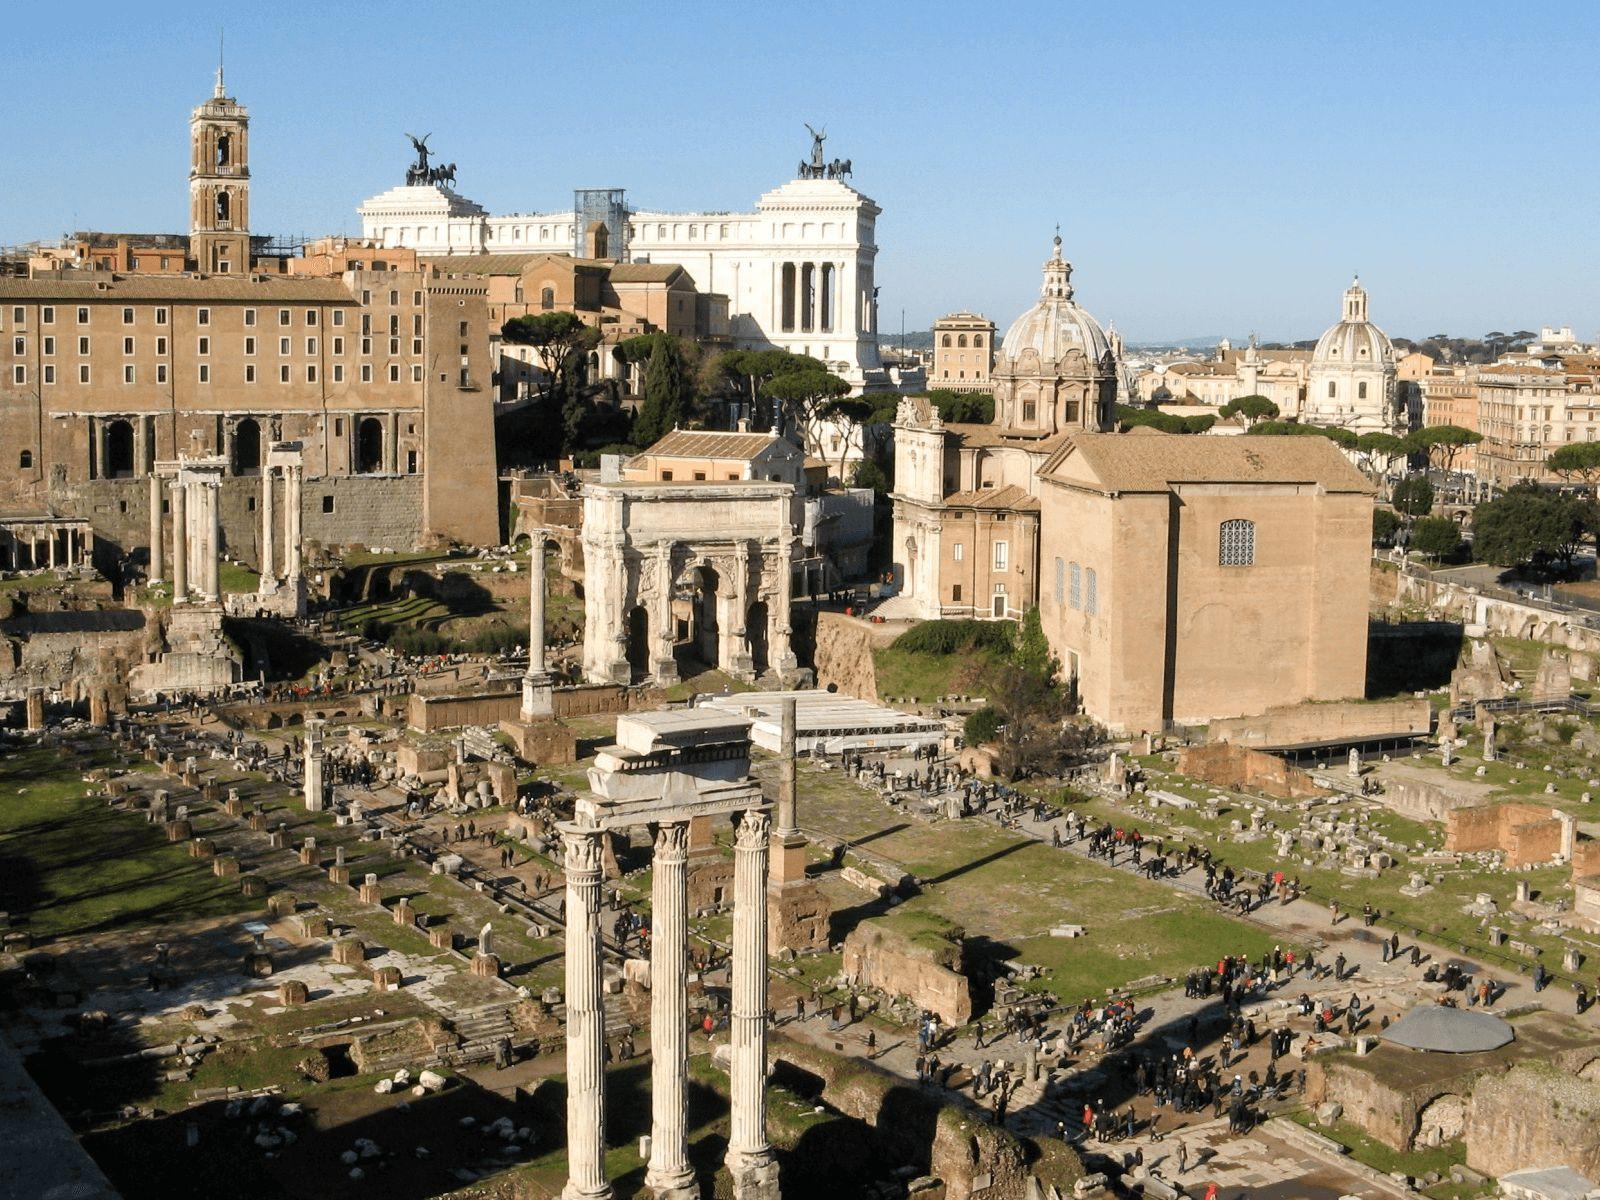 Španjolska i Rim: Rim: Palatin i forum